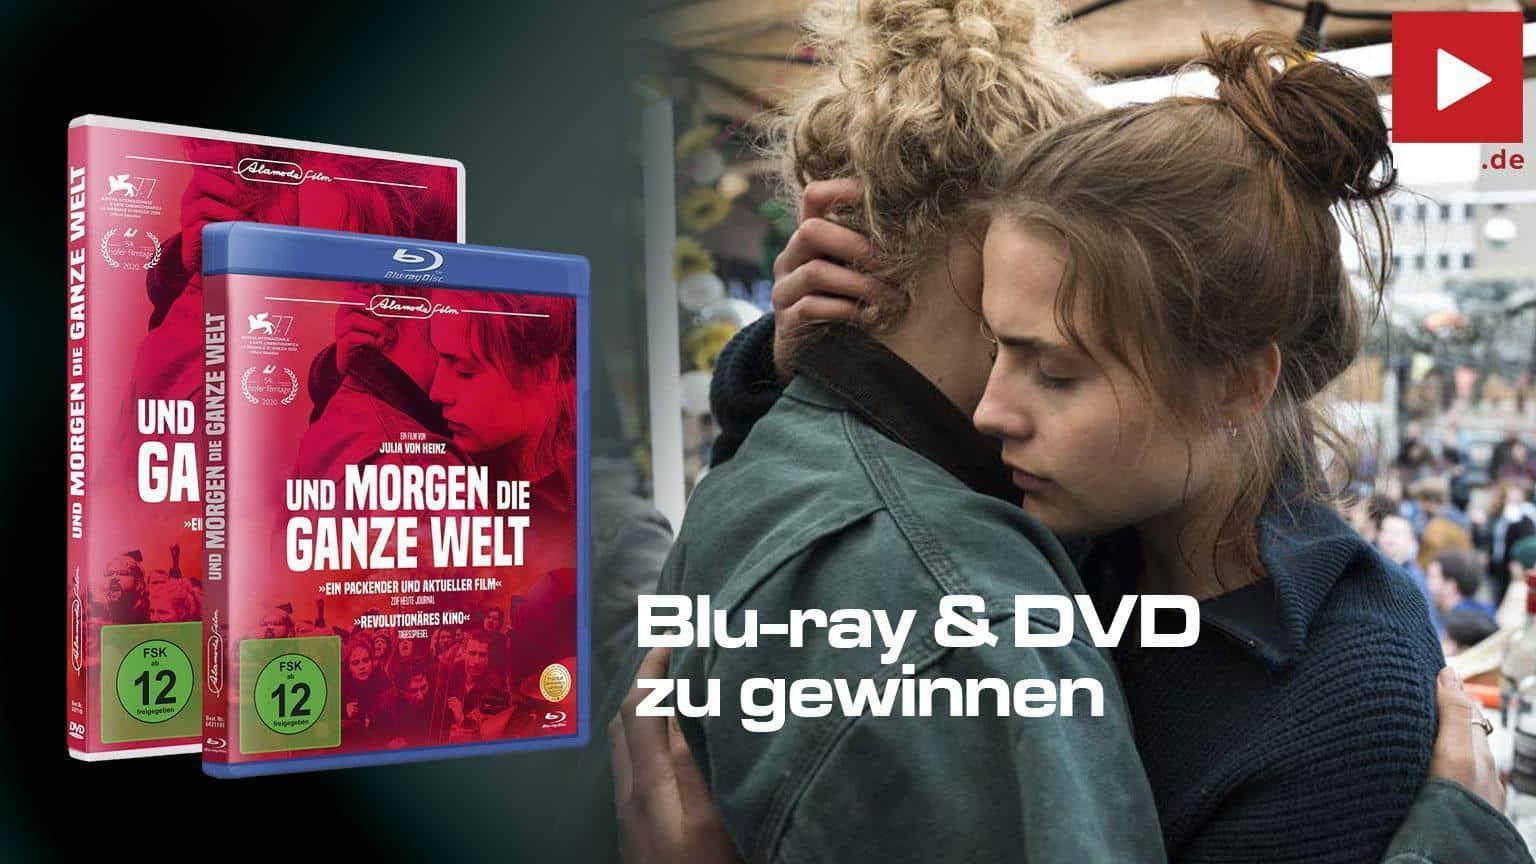 Und morgen die ganze Welt Film 2021 Blu-ray DVD Gewinnspiel gewinnen Artikelbild